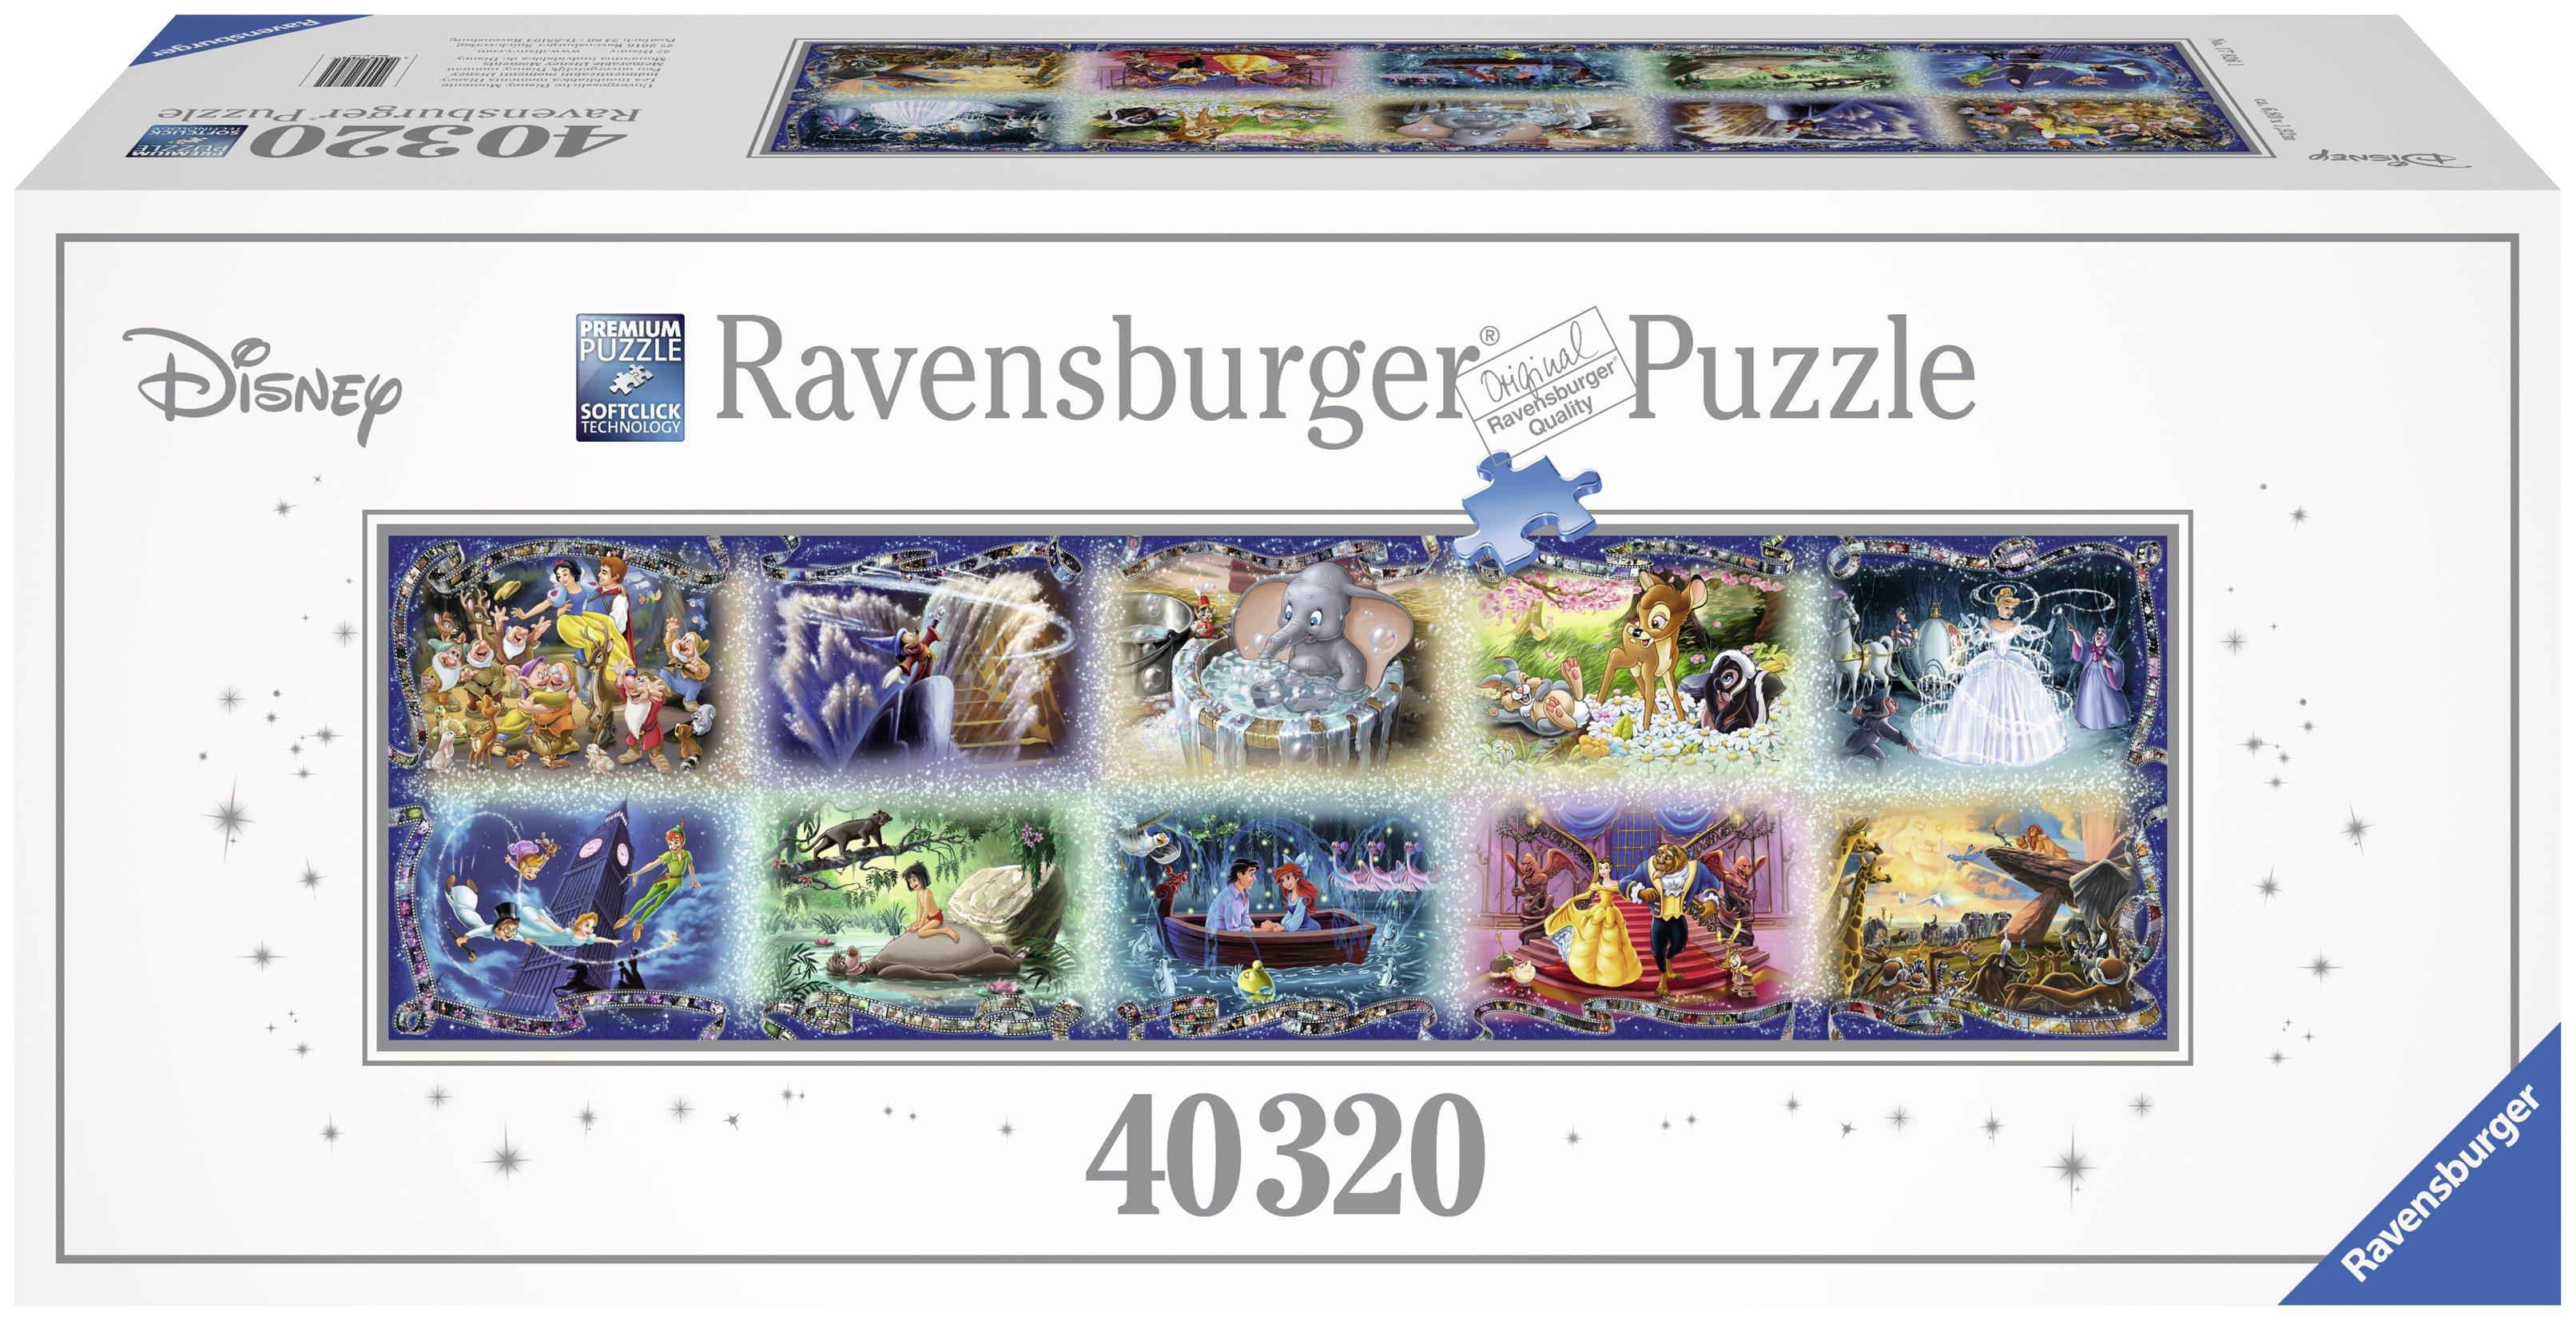 40'320 Puzzleteile zu platzieren, ist kein Zuckerschlecken, doch gemeinsam ist es machbar.